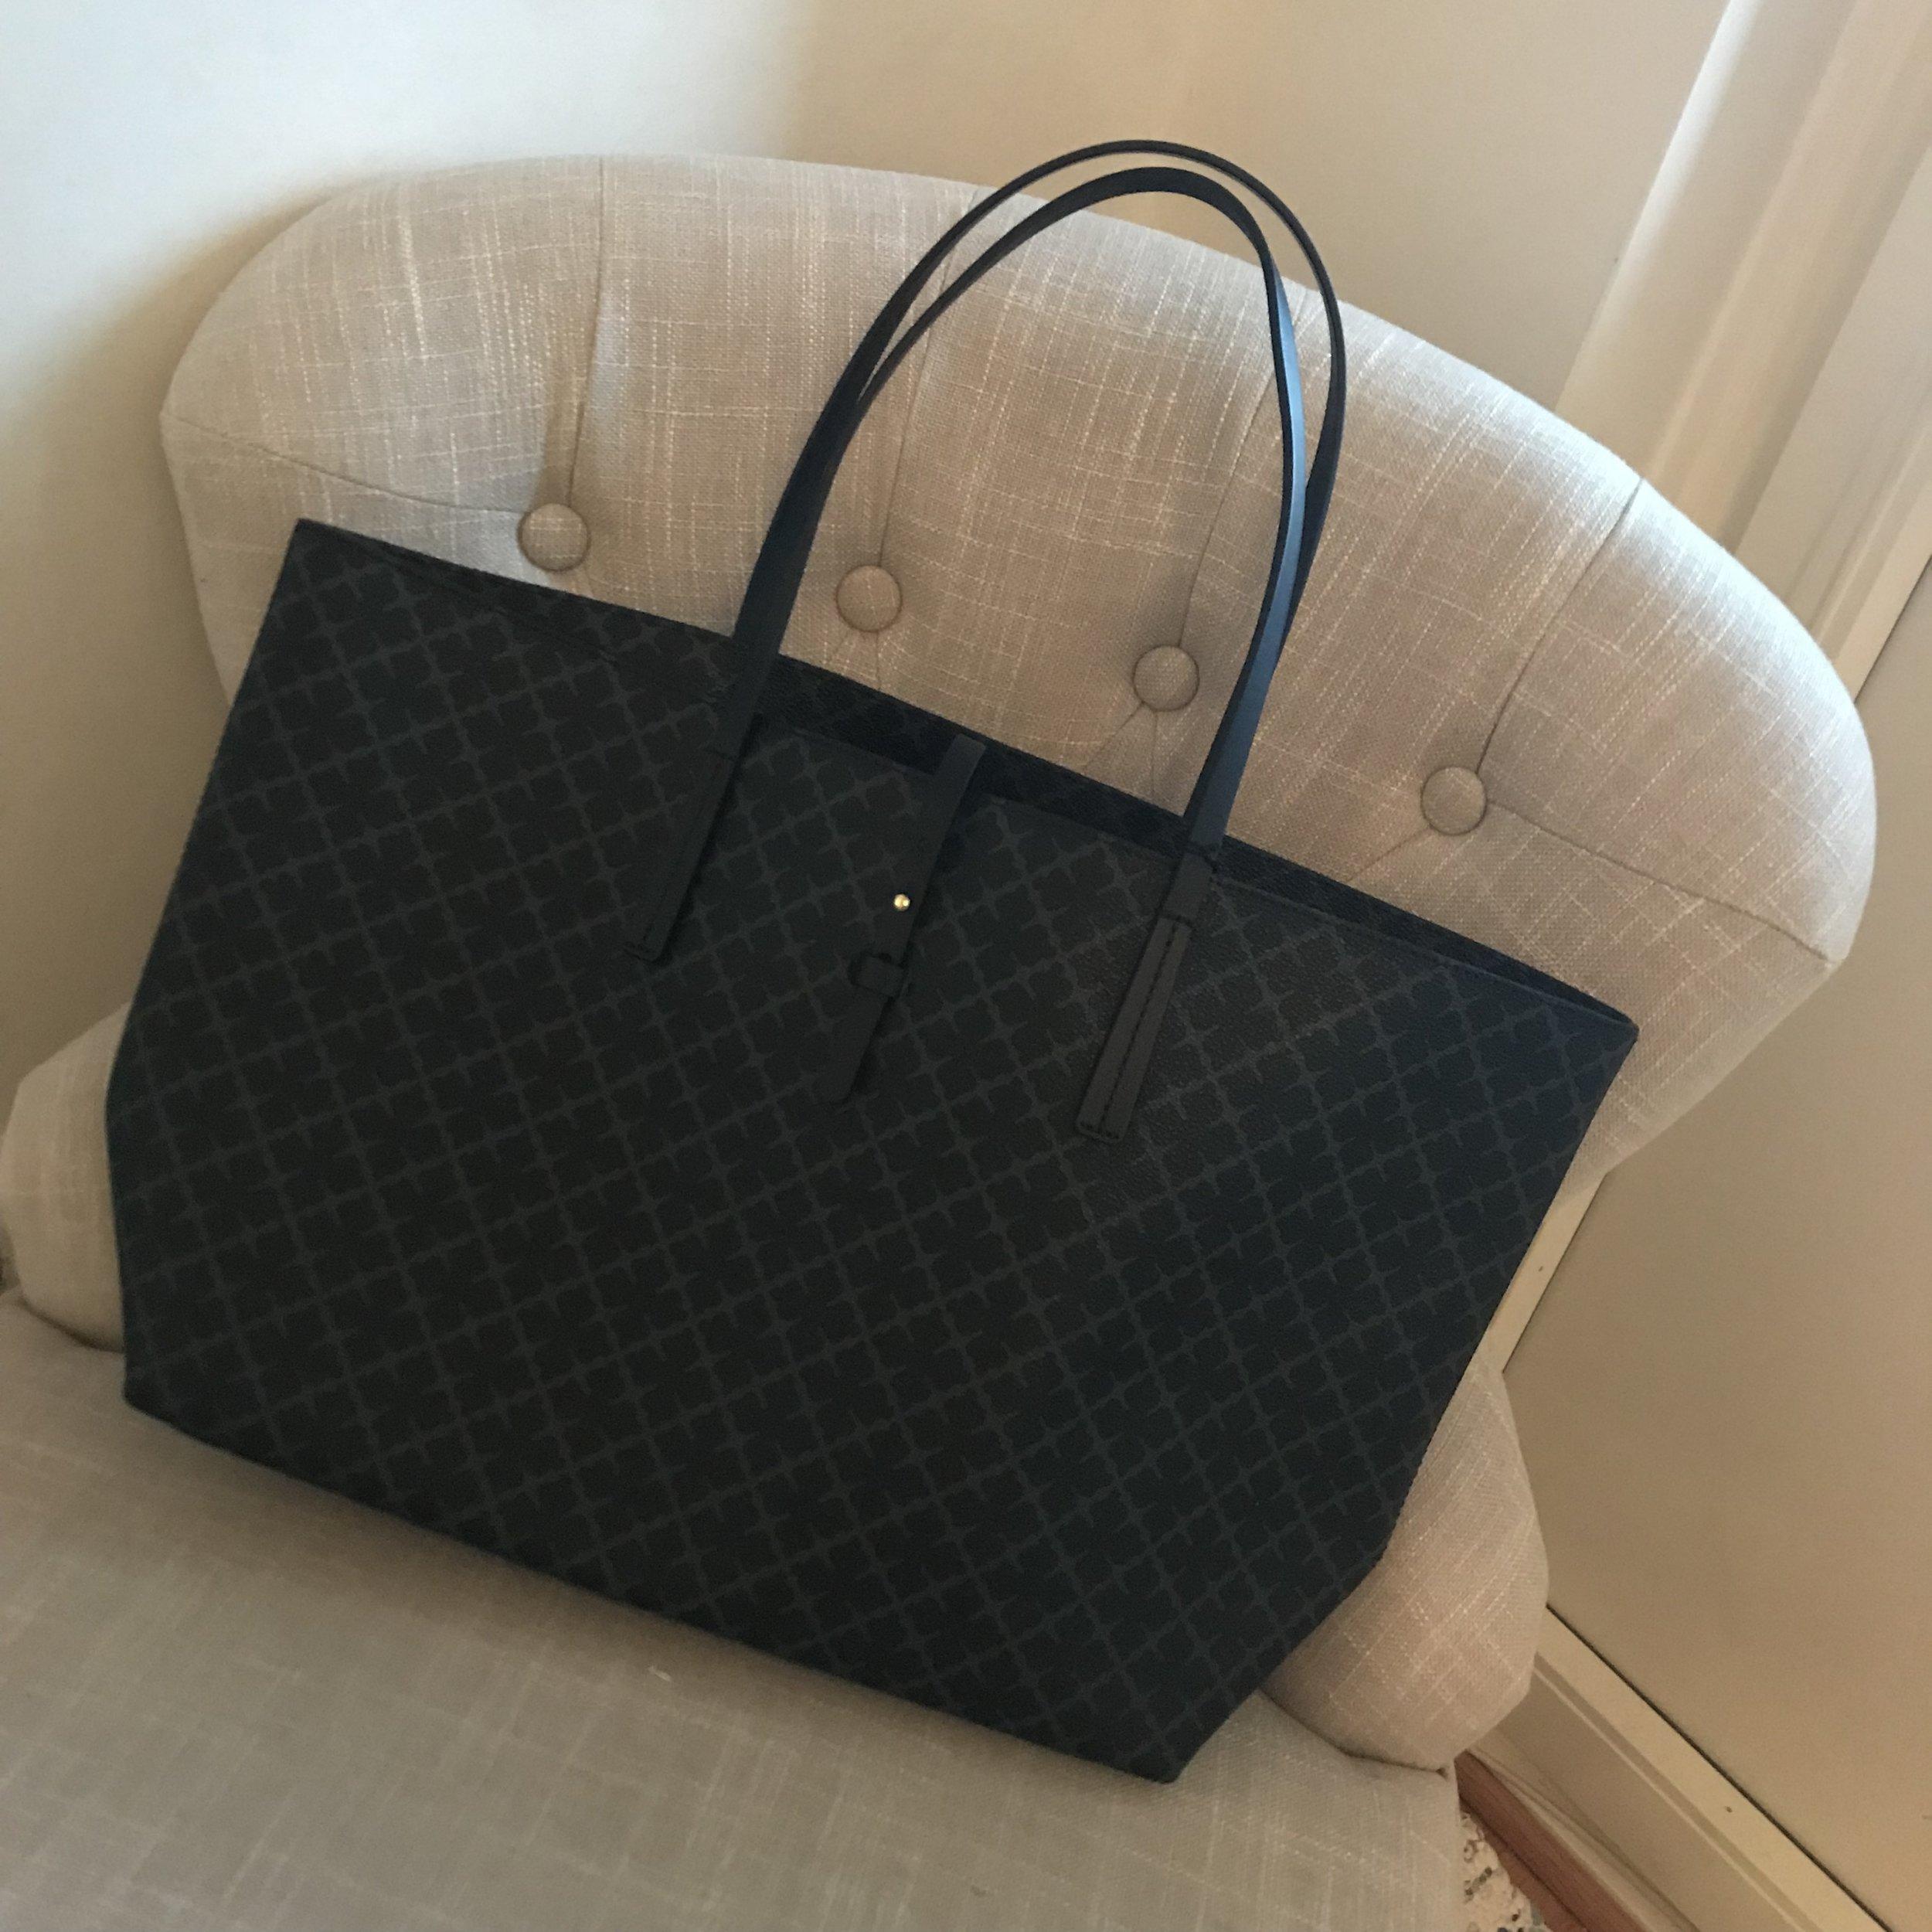 En oerhört fin By Malene Birger väska, som till och med matchar min plånbok! Snacka om glad tjej.  💃